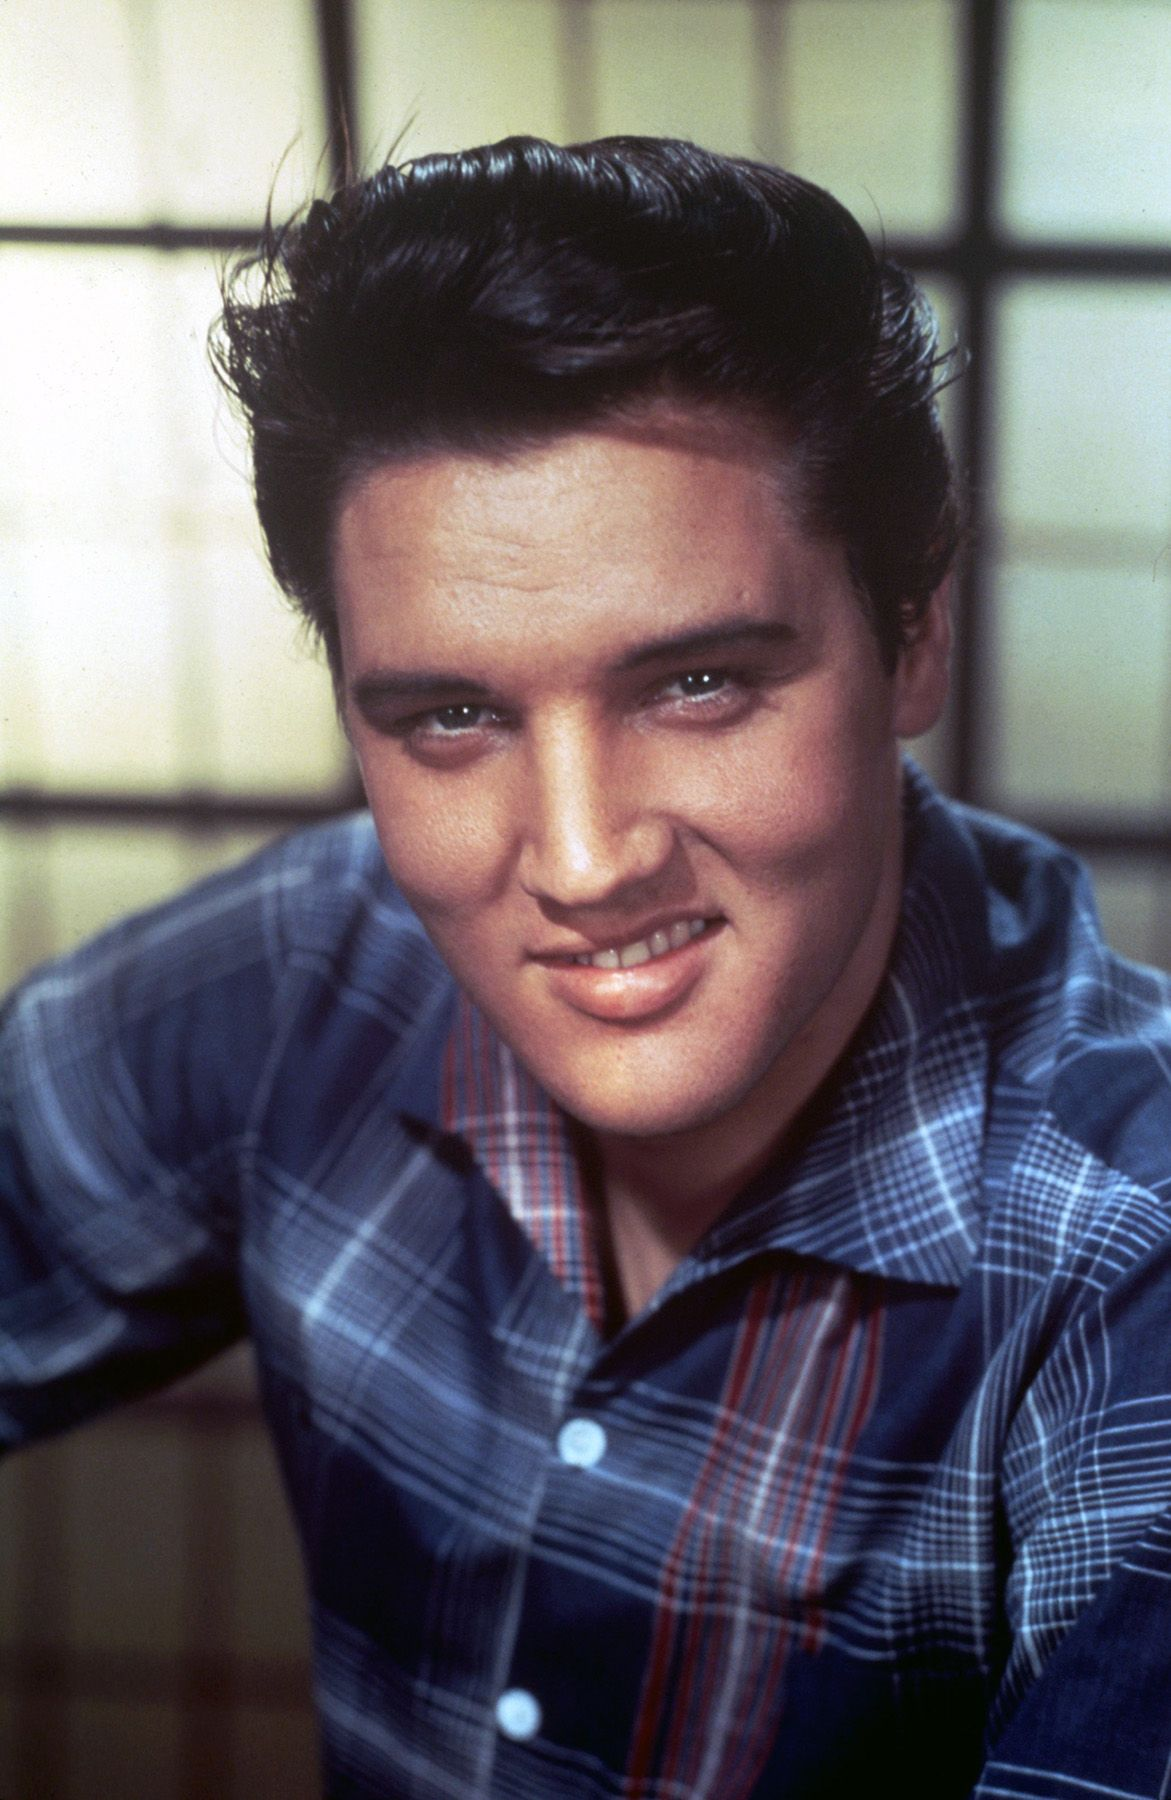 Elvis PresleyAnnex   Free Music Songs Top Ten   Elvis Presley, Elvis ... d1cd1e6f5c